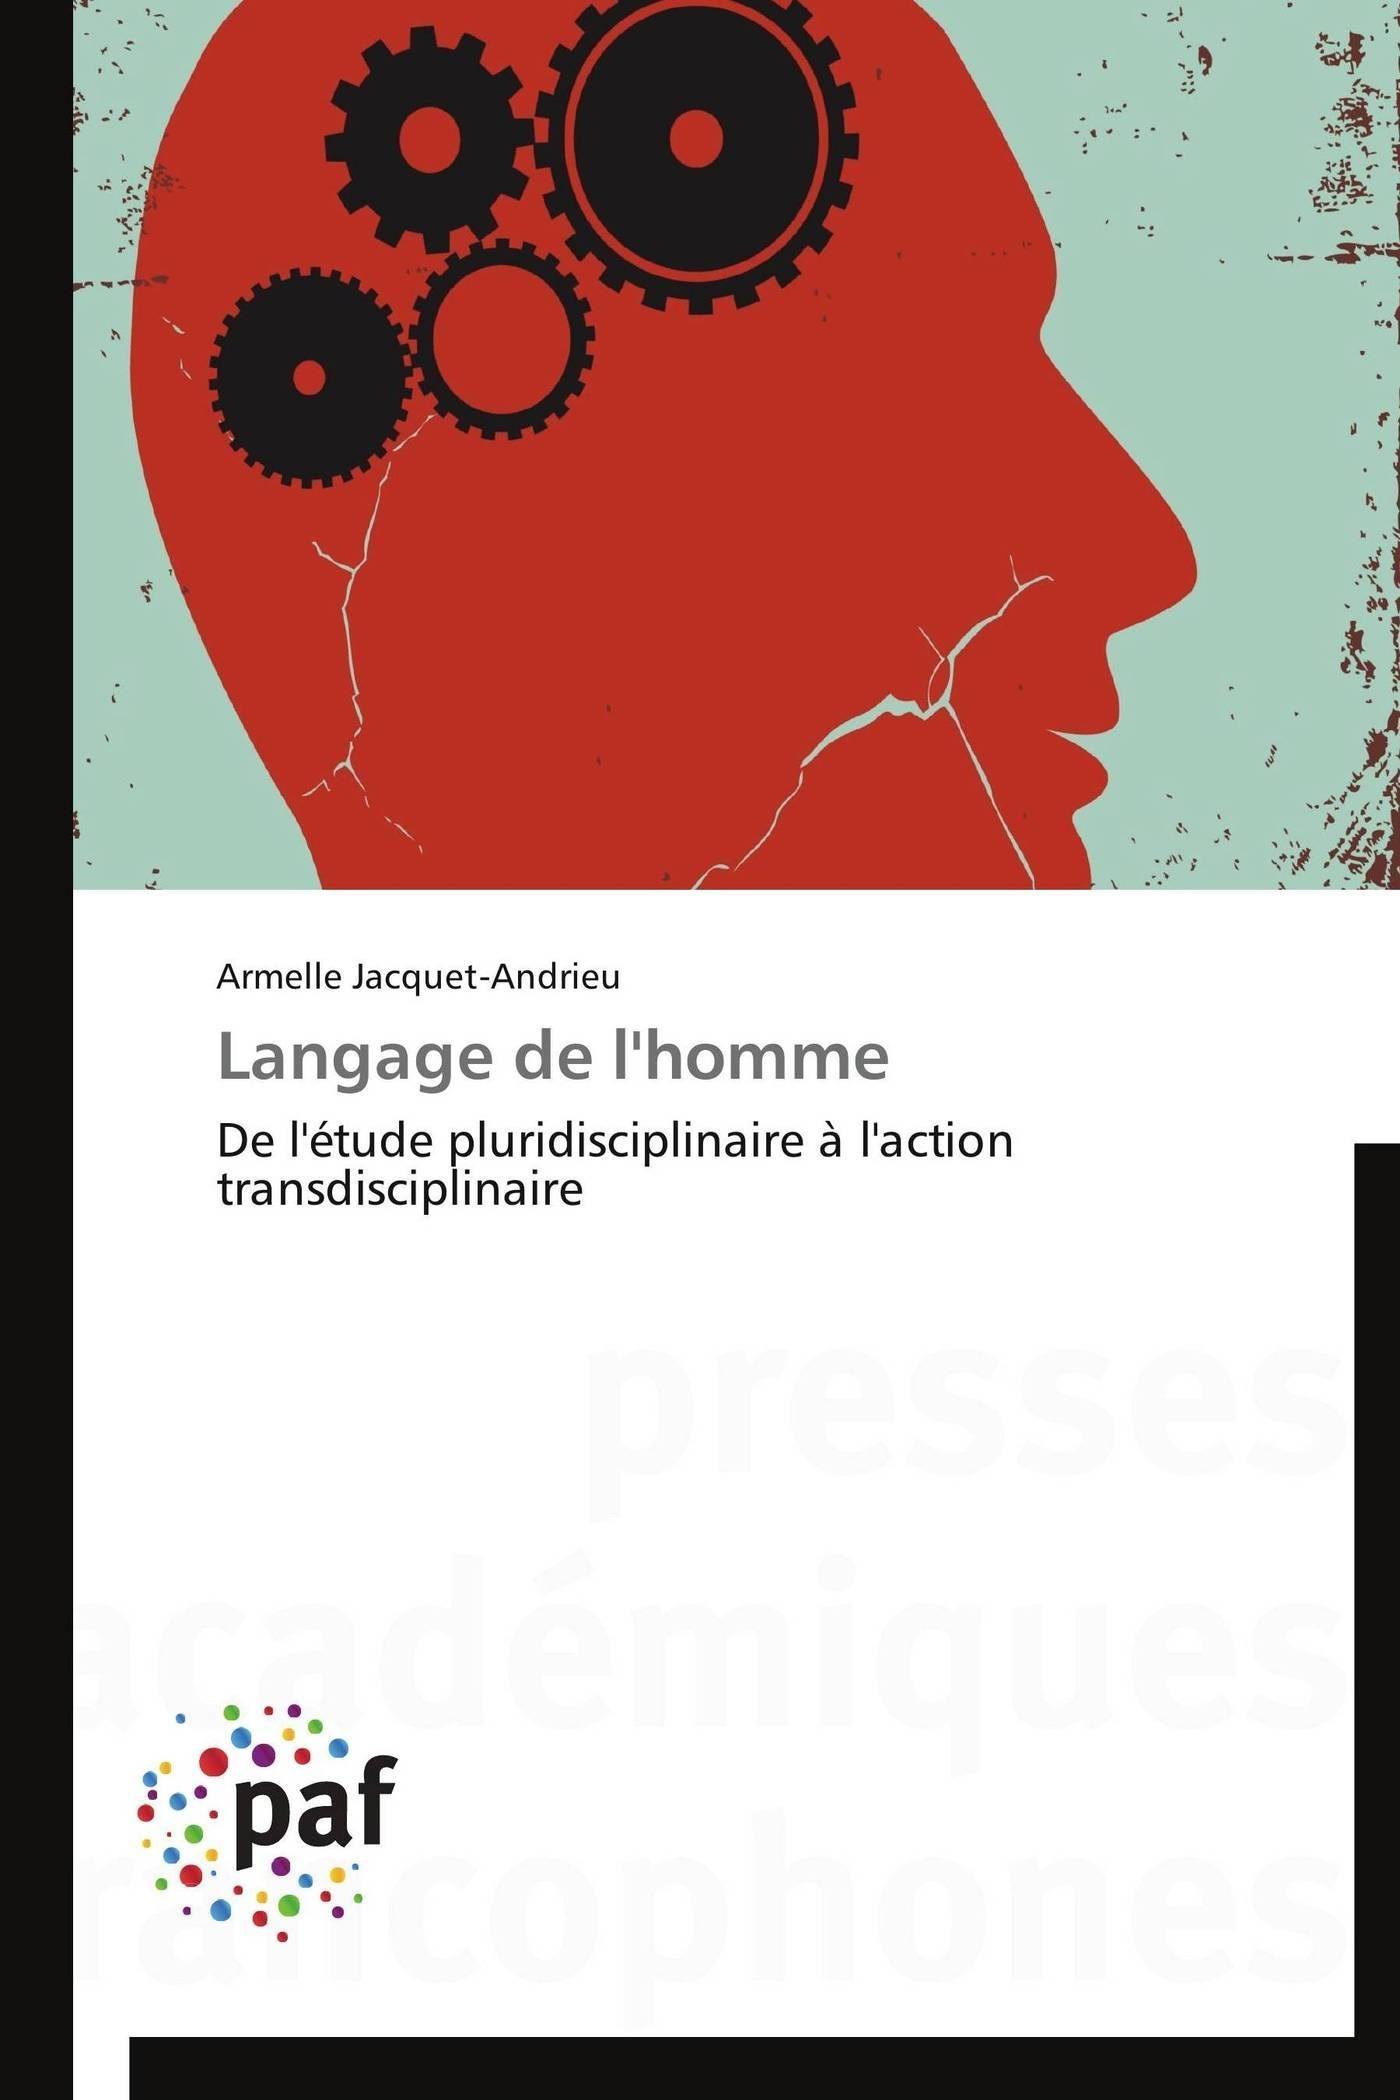 LANGAGE DE L'HOMME